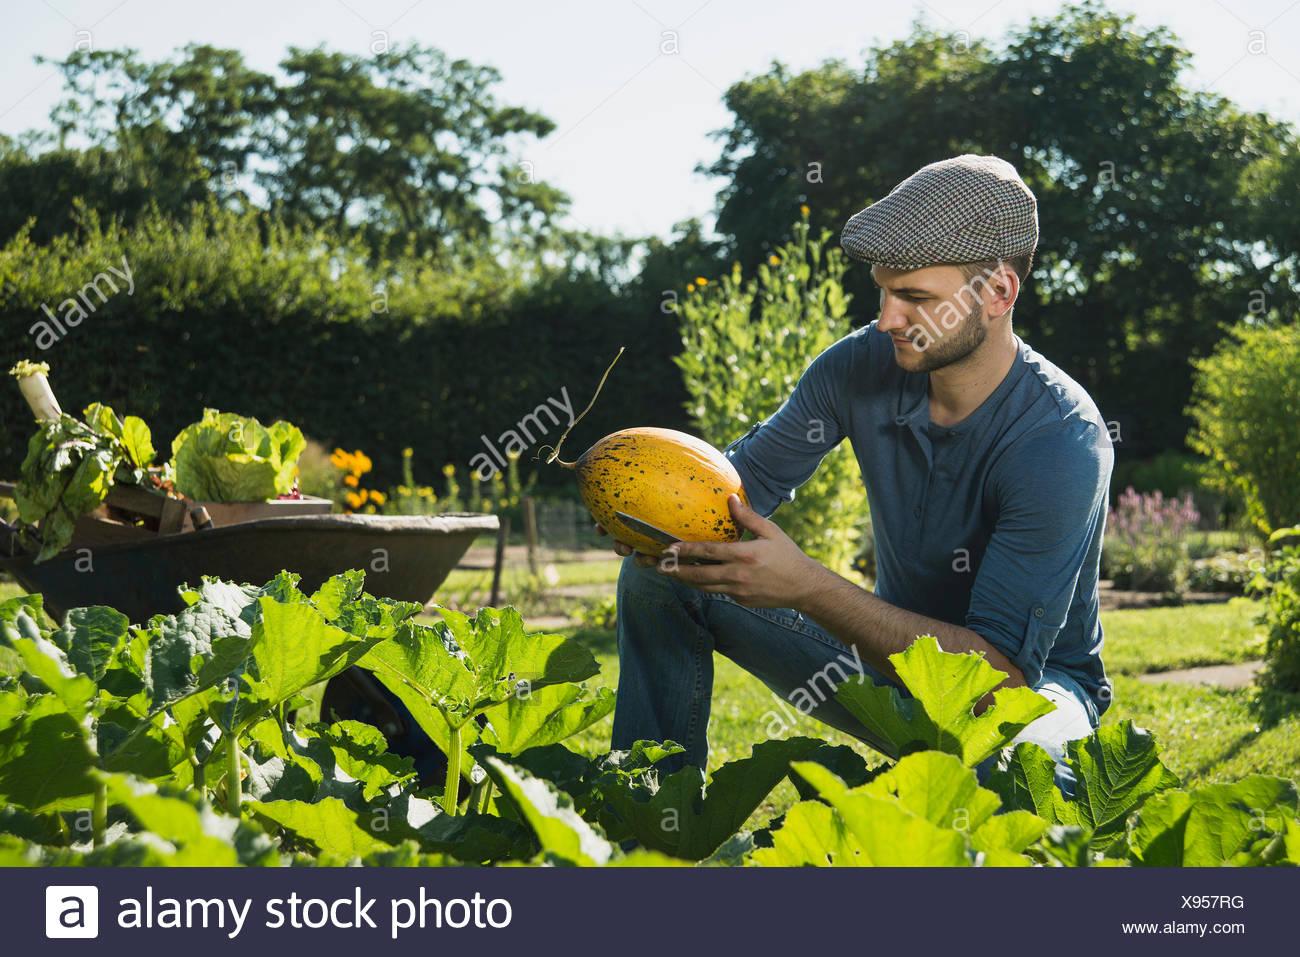 Comprobación del jardinero verdura Imagen De Stock